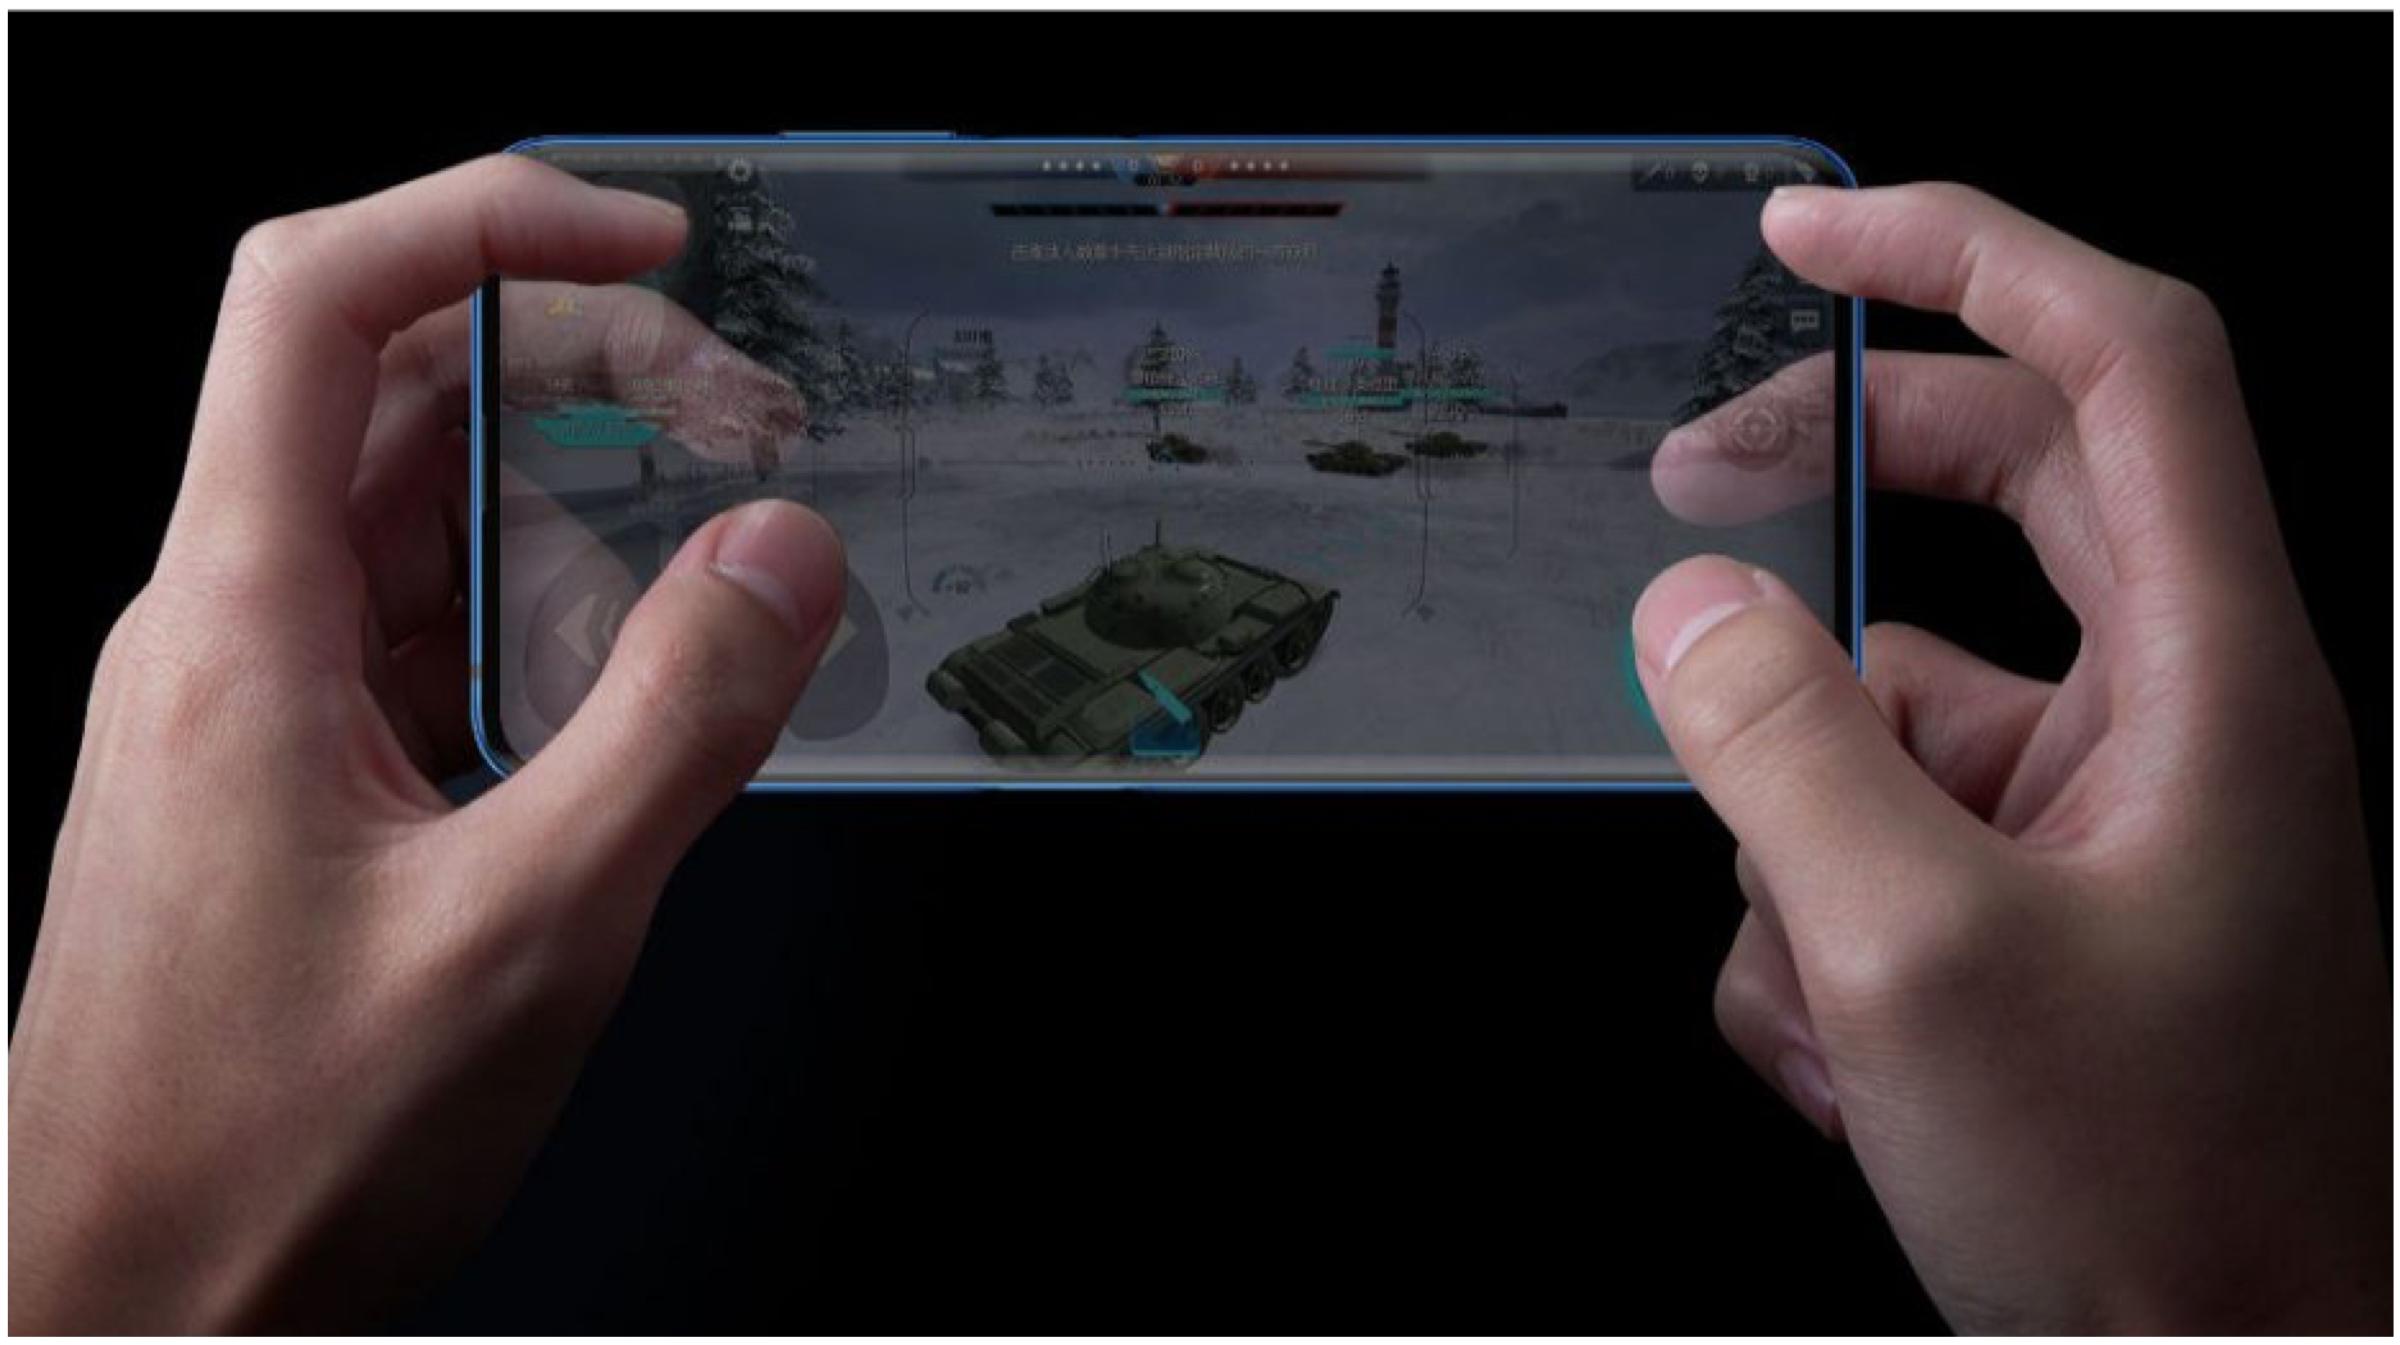 النوبة تطلق برنامج الرائد Z20 ، يعرض شاشات Super Super AMOLED 1